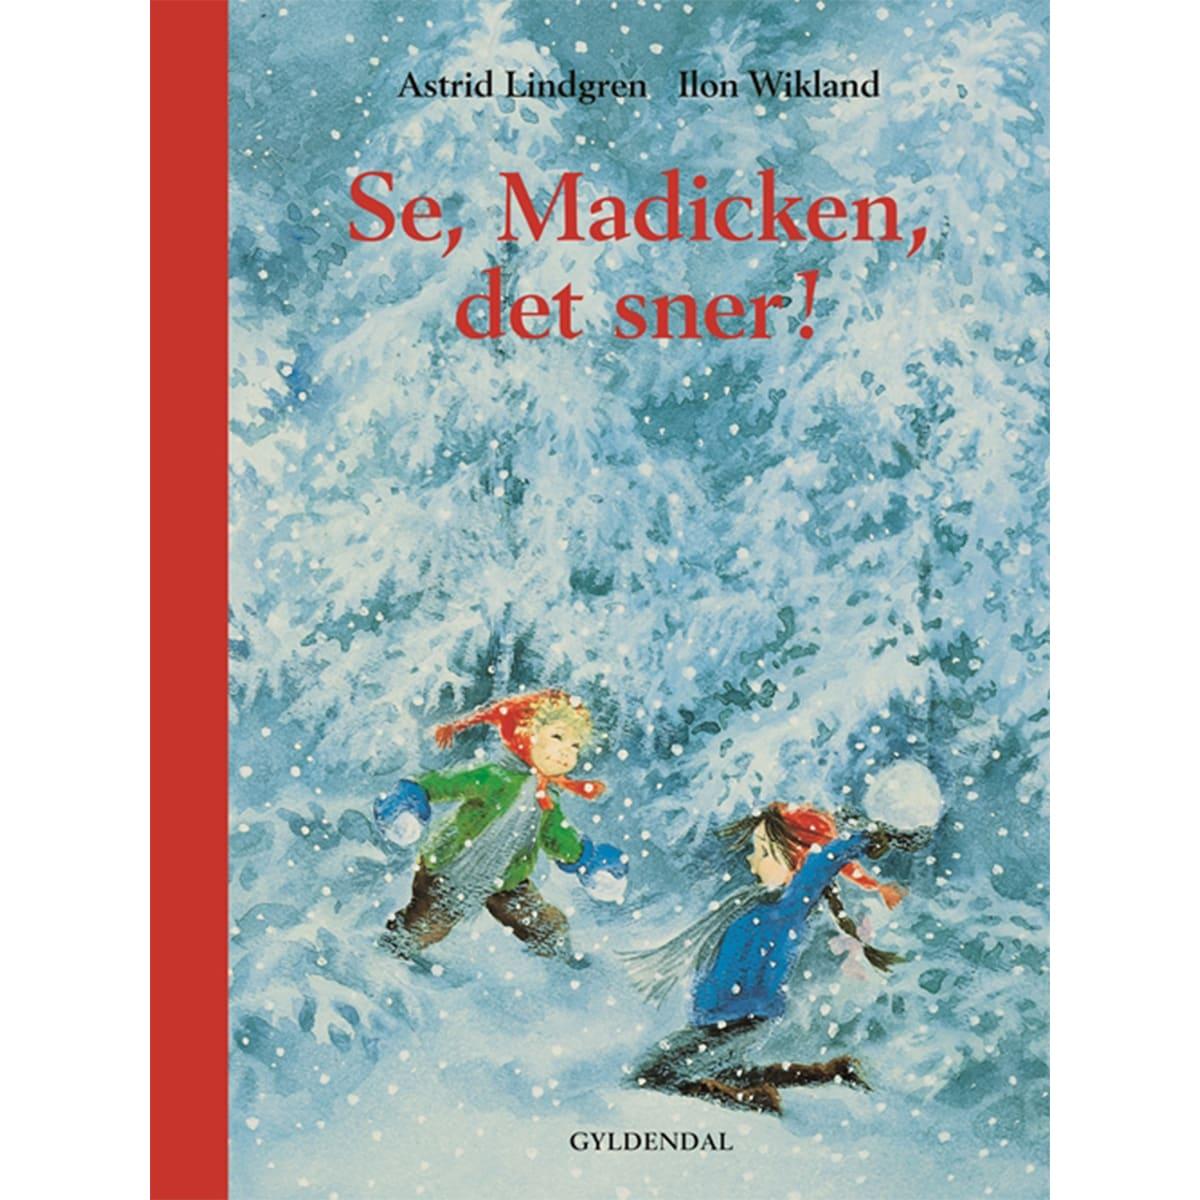 Af Astrid Lindgren